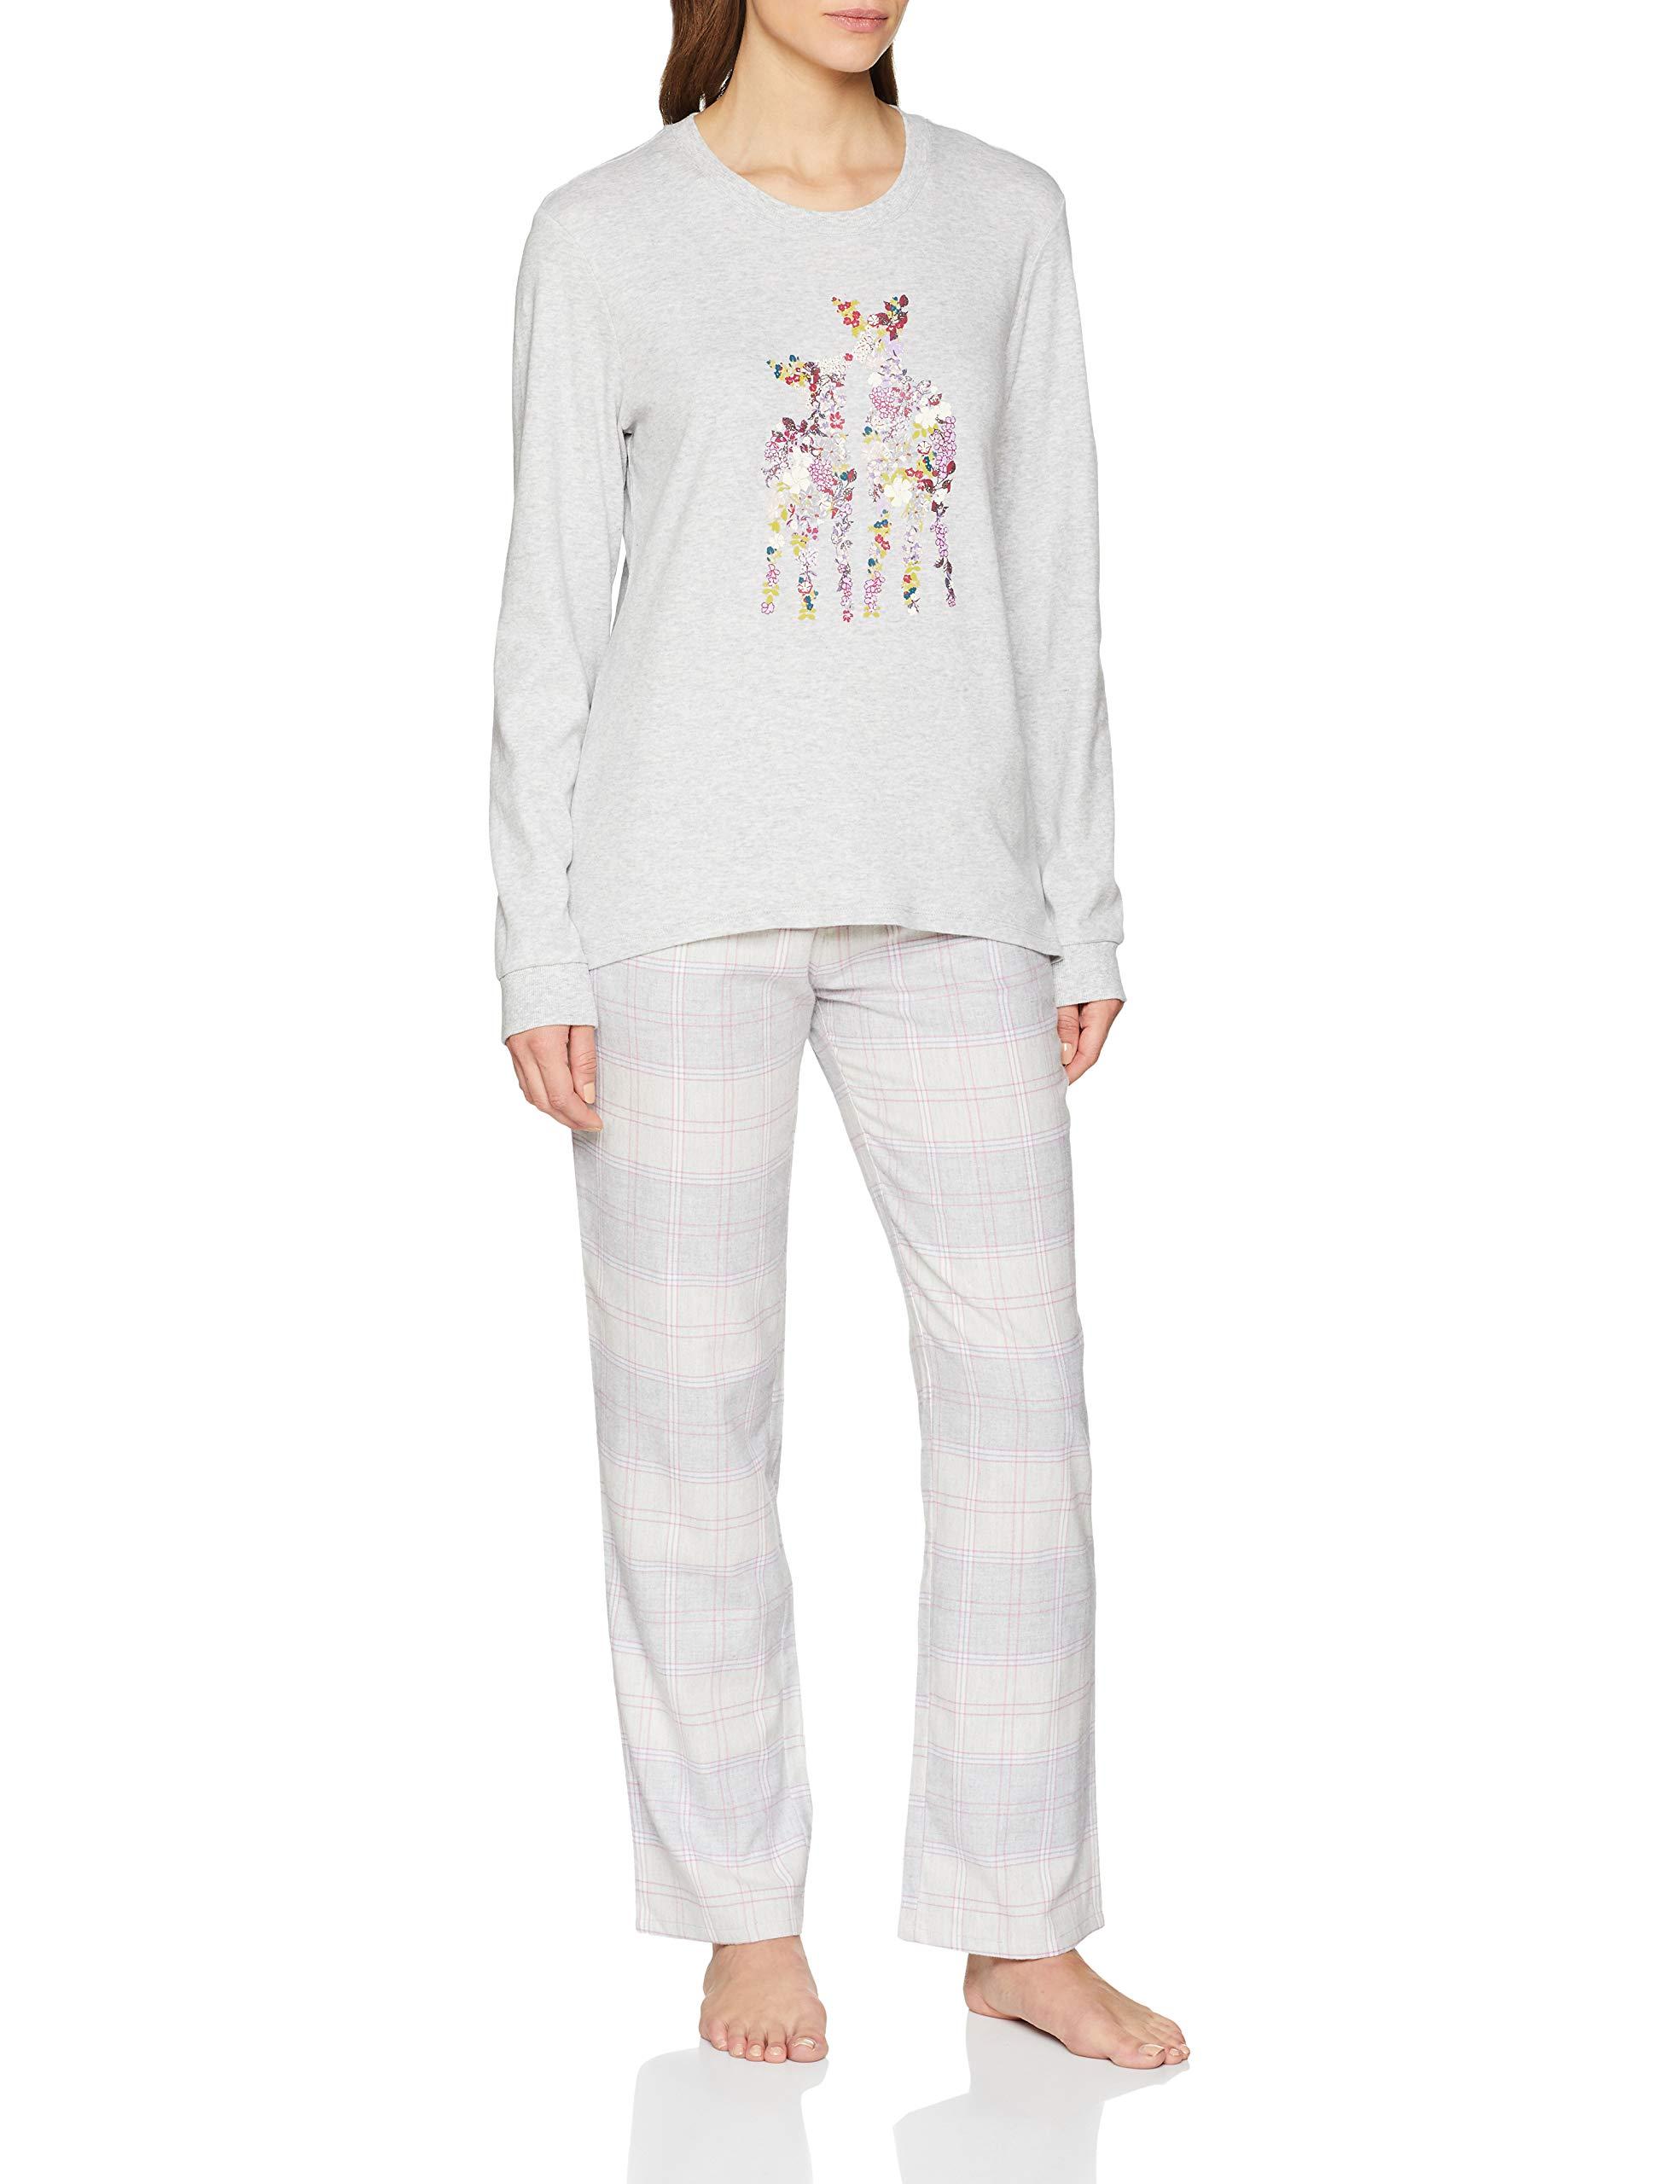 Grey Melange Femme Triumph Aw18 01 Sets Ensemble PyjamaMulticoloremedium M03342 De Charakter Pk 35LA4Rj